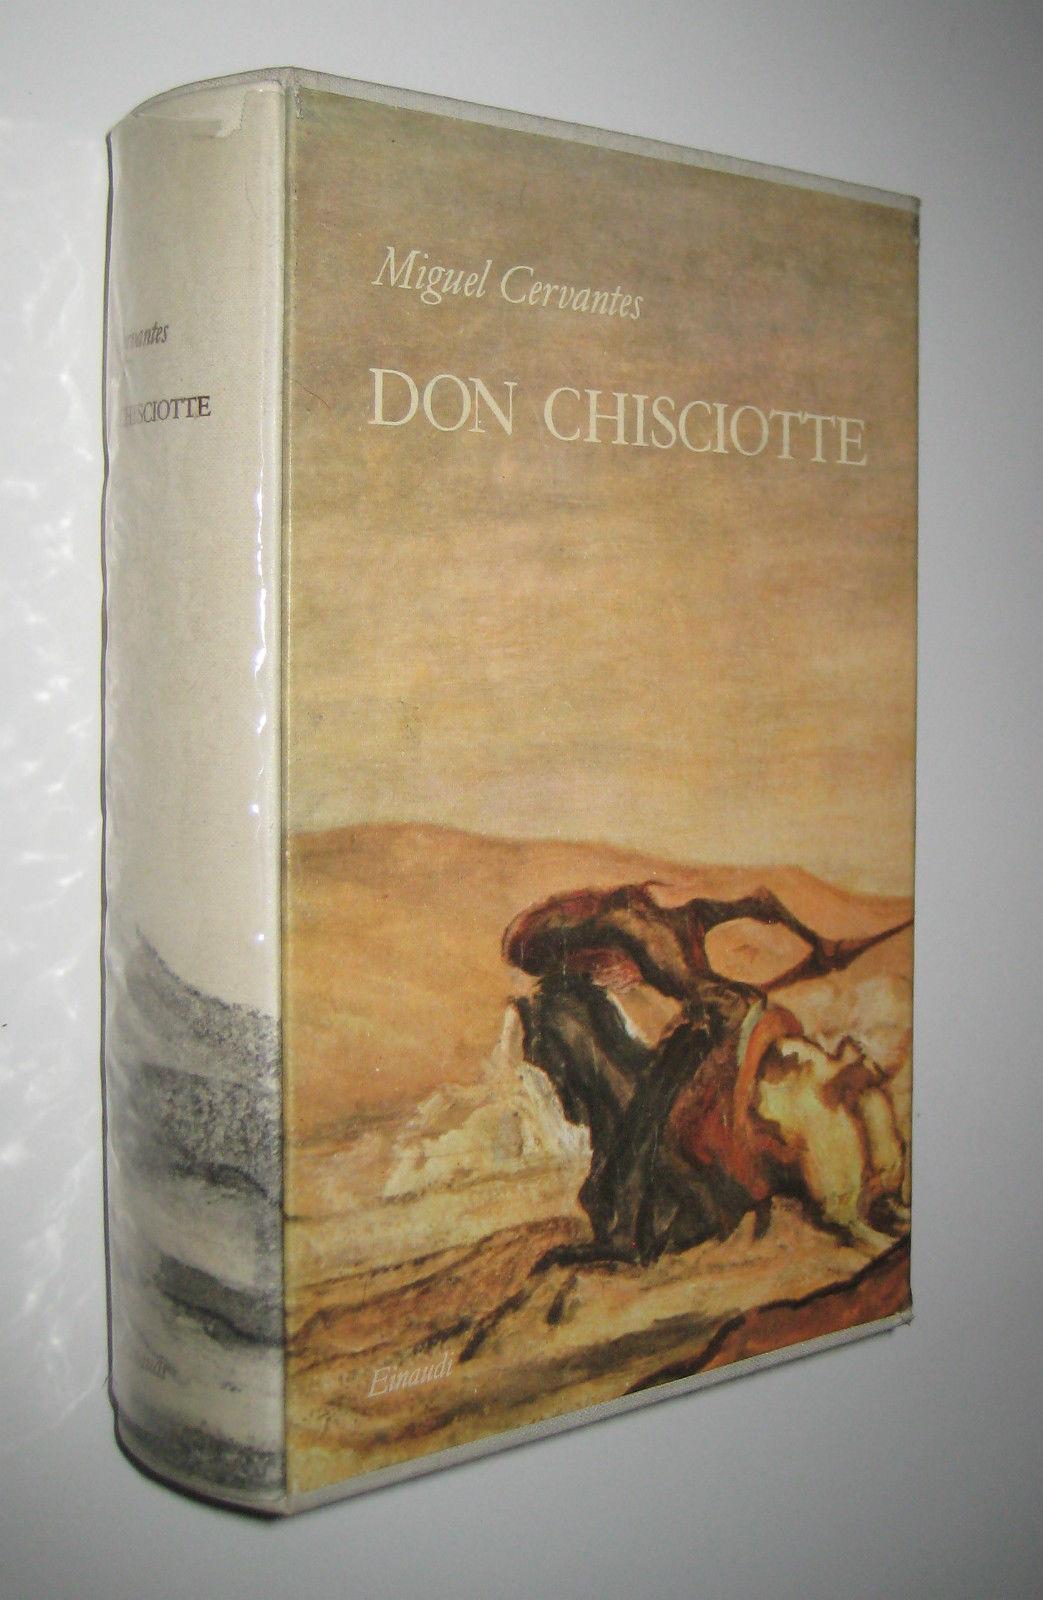 Don Chisciotte della Mancia (El ingenioso hidalgo Don Quijote de la Mancha) di Miguel Cervantes – Prima edizione Einaudi 1957